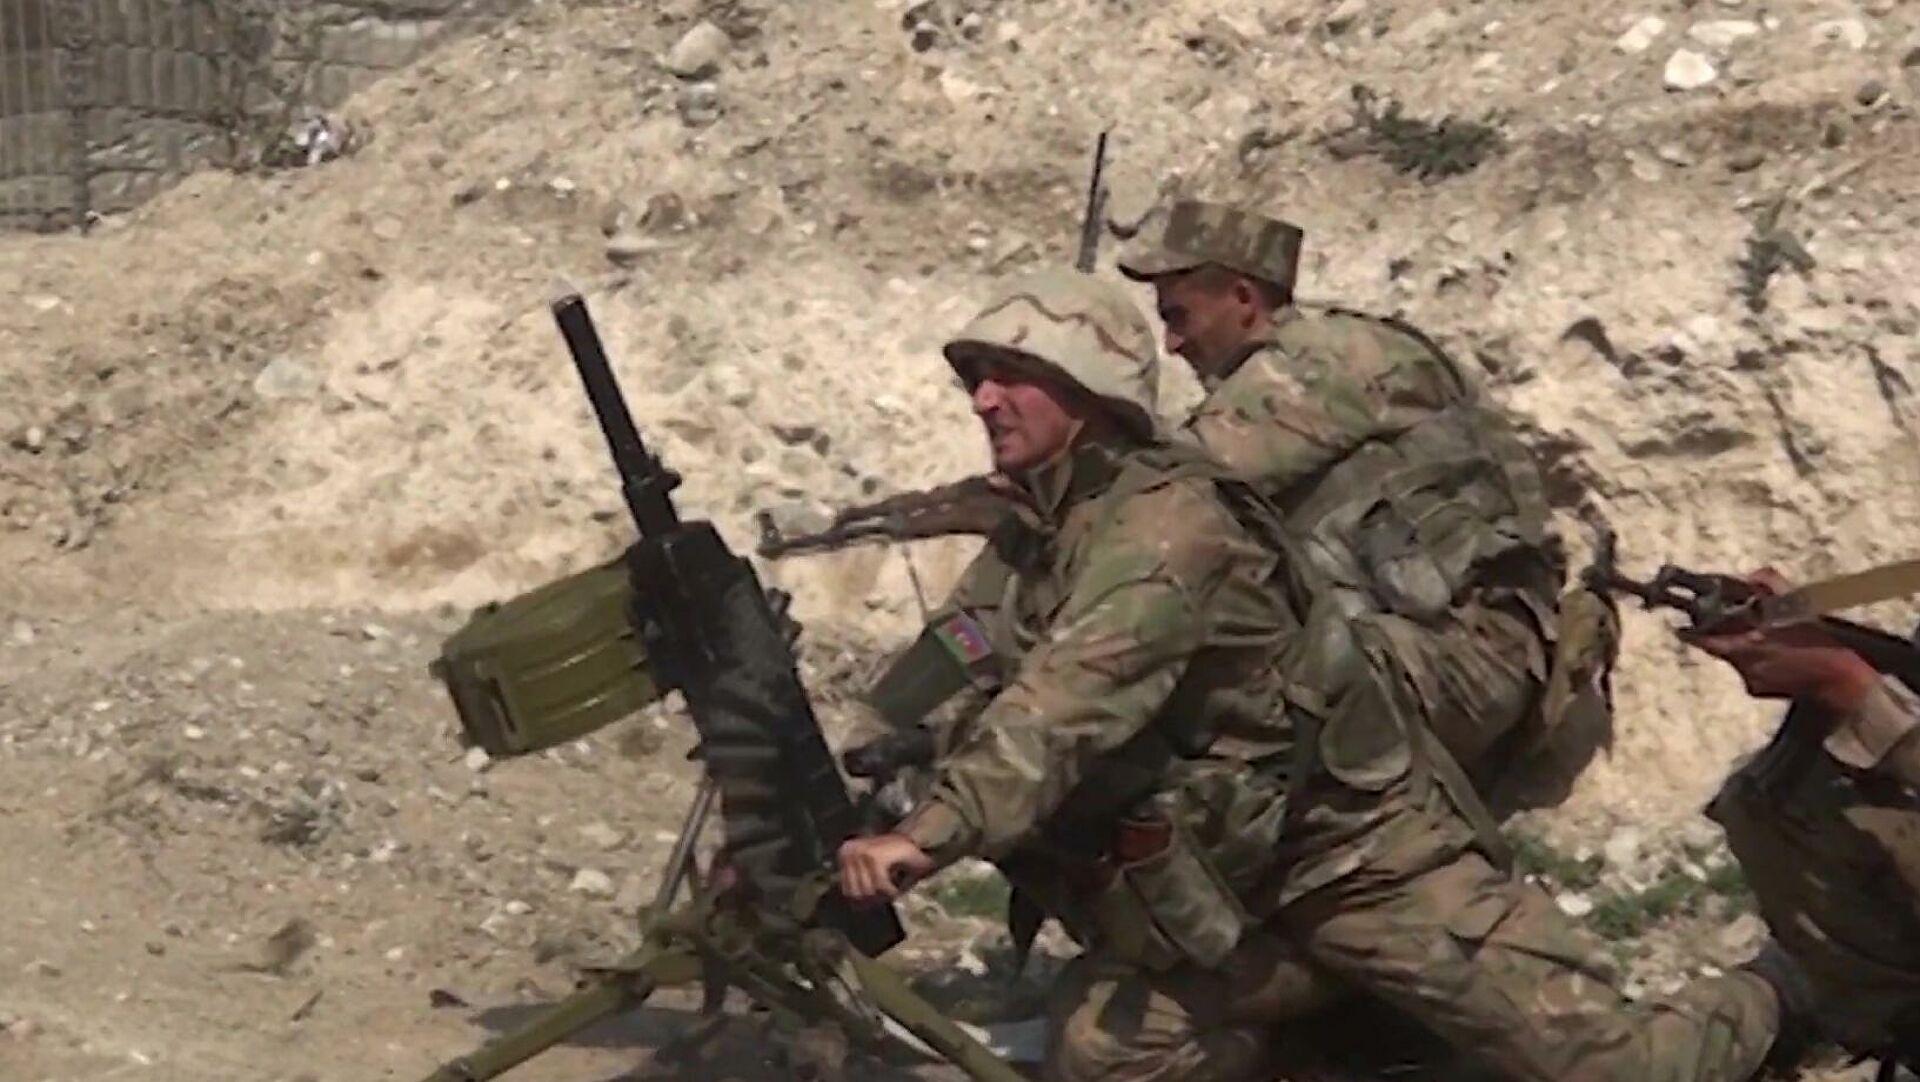 阿塞拜疆称亚美尼亚550名士兵阵亡 亚美尼亚反驳